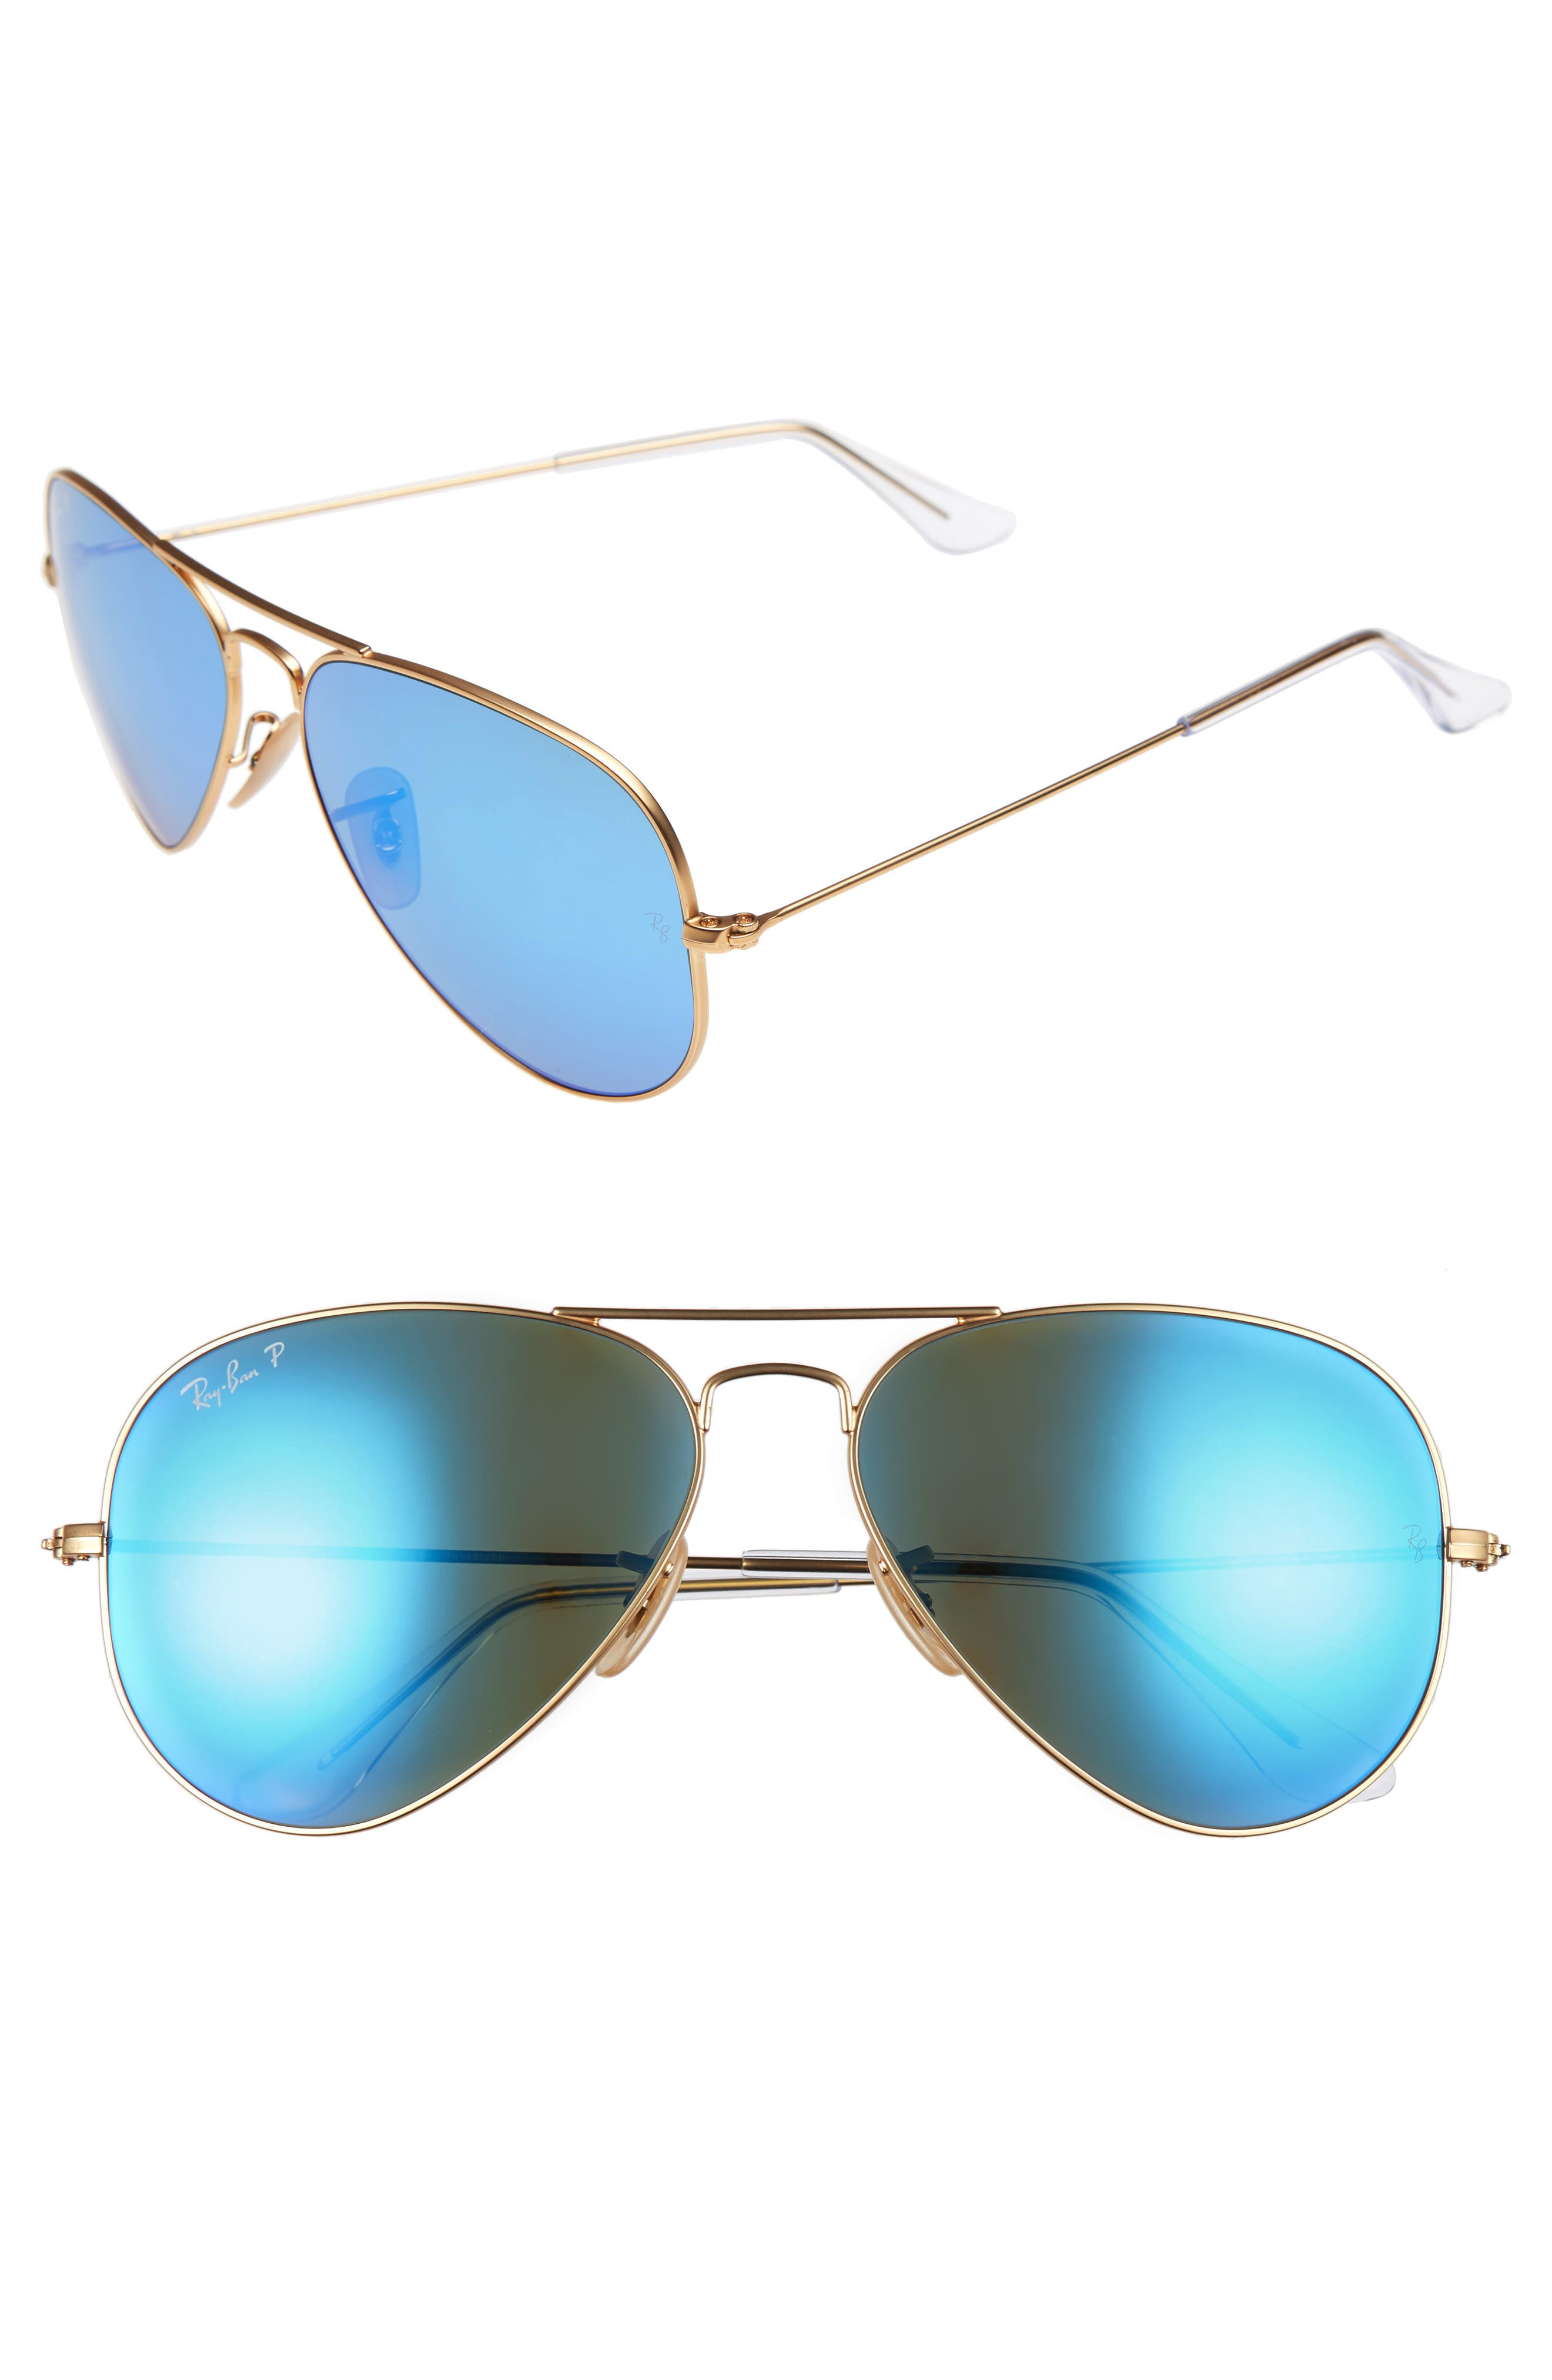 Main Image - Ray-Ban 58mm Polarized Aviator Sunglasses